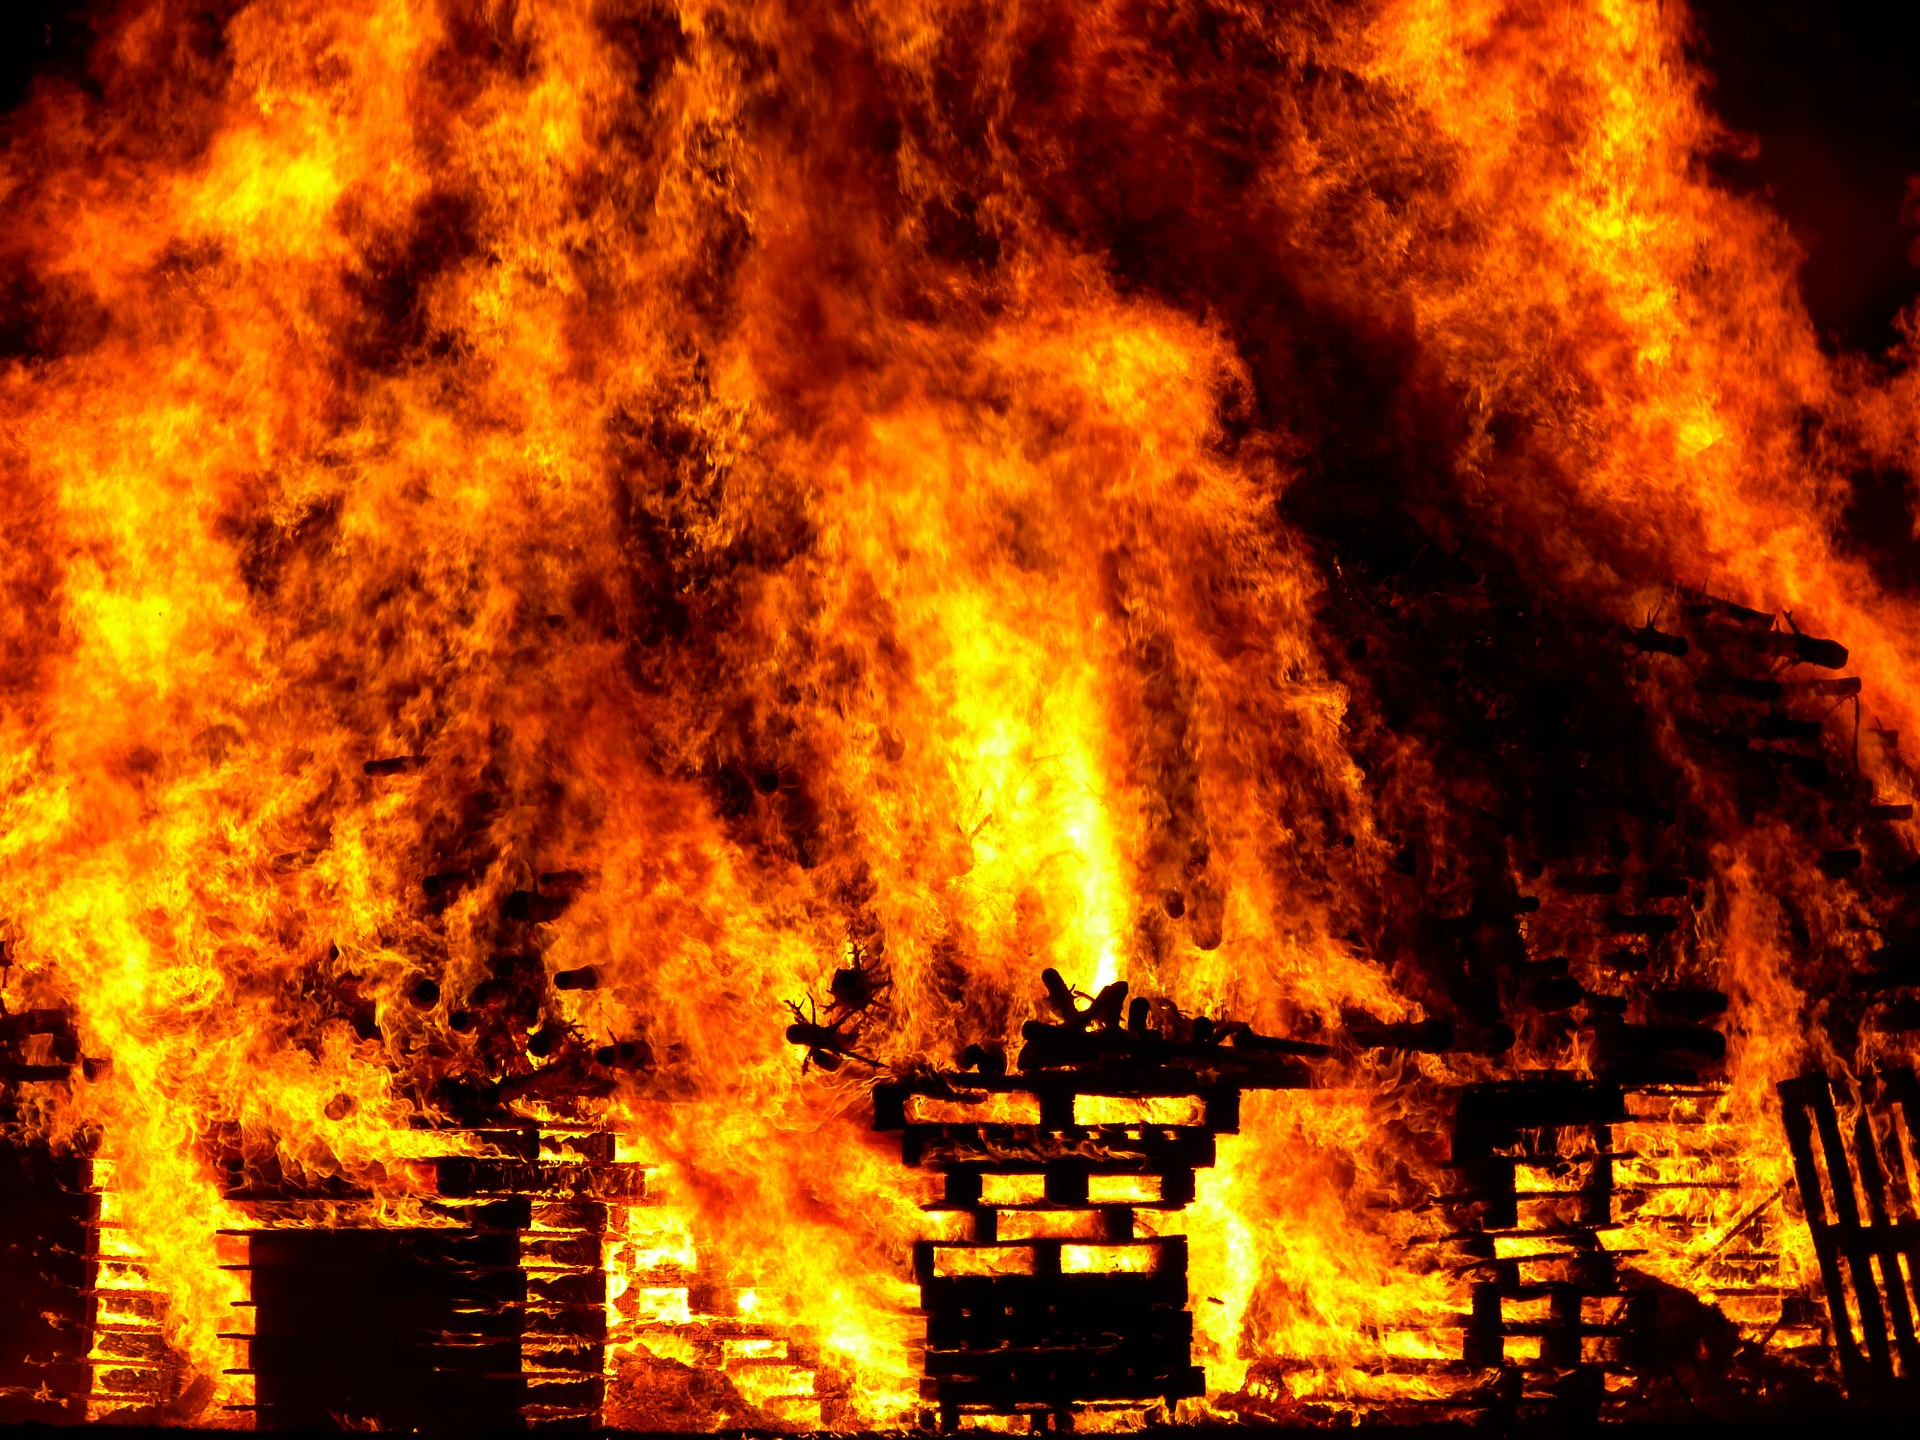 Brennendes Gebäude bei Veranstaltung ohne Brandschutz